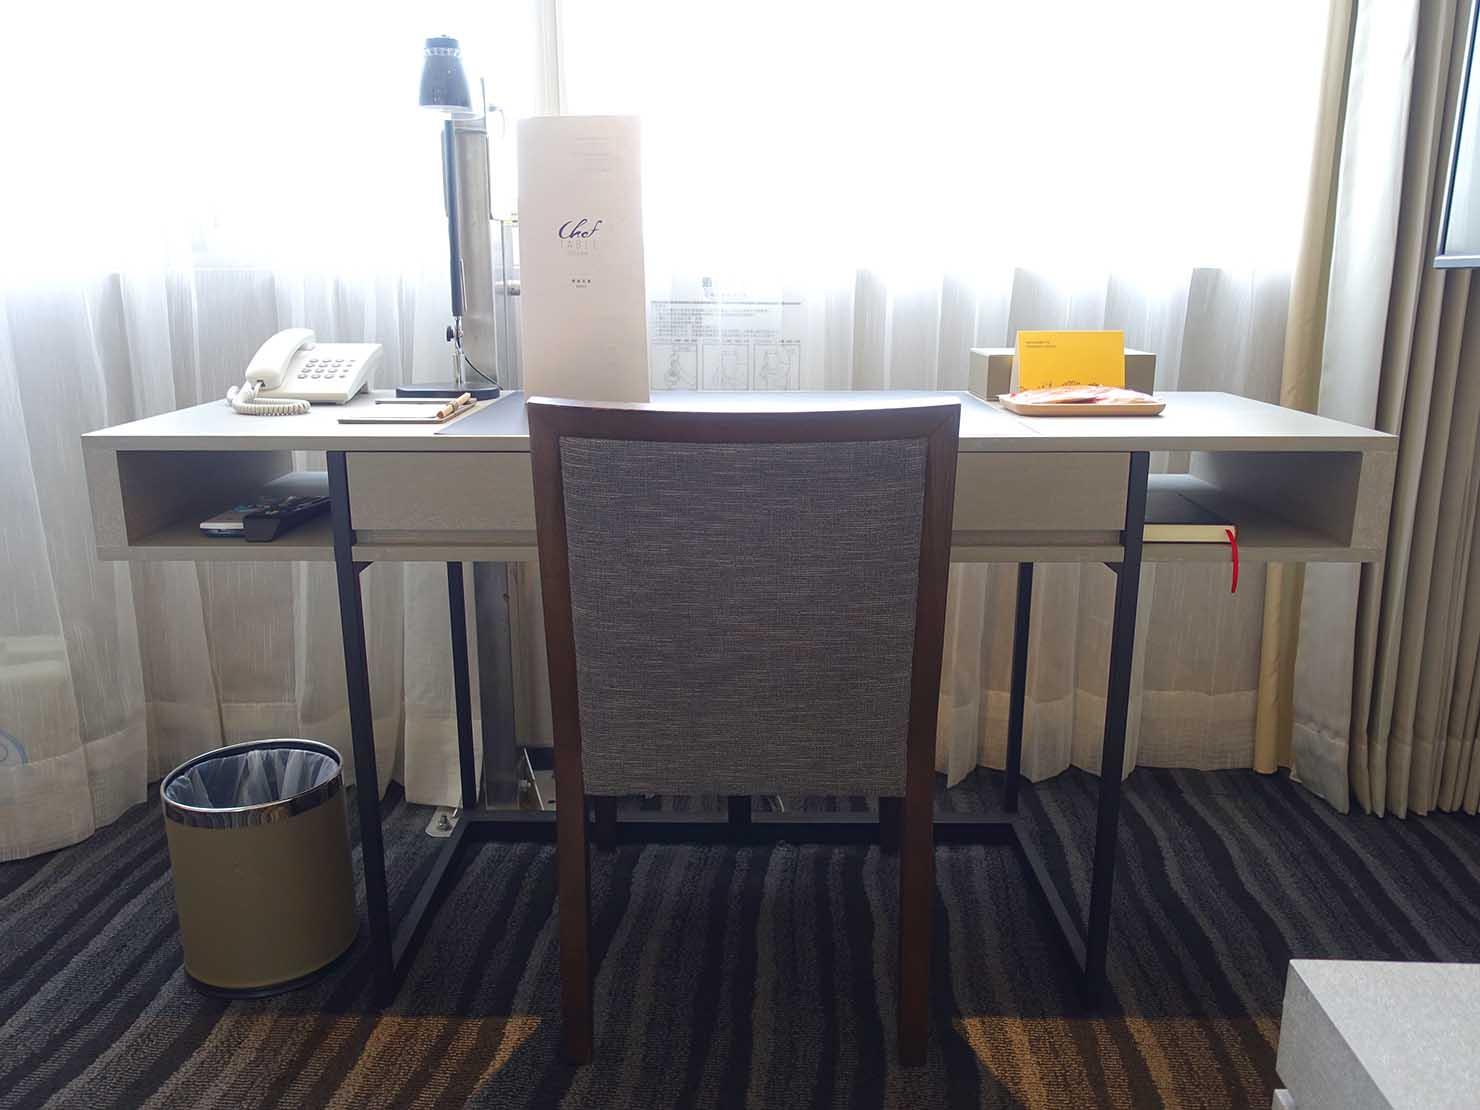 台南市内観光におすすめのホテル「長悅旅棧」長悅經典客房(クラシカルルーム)のテーブル